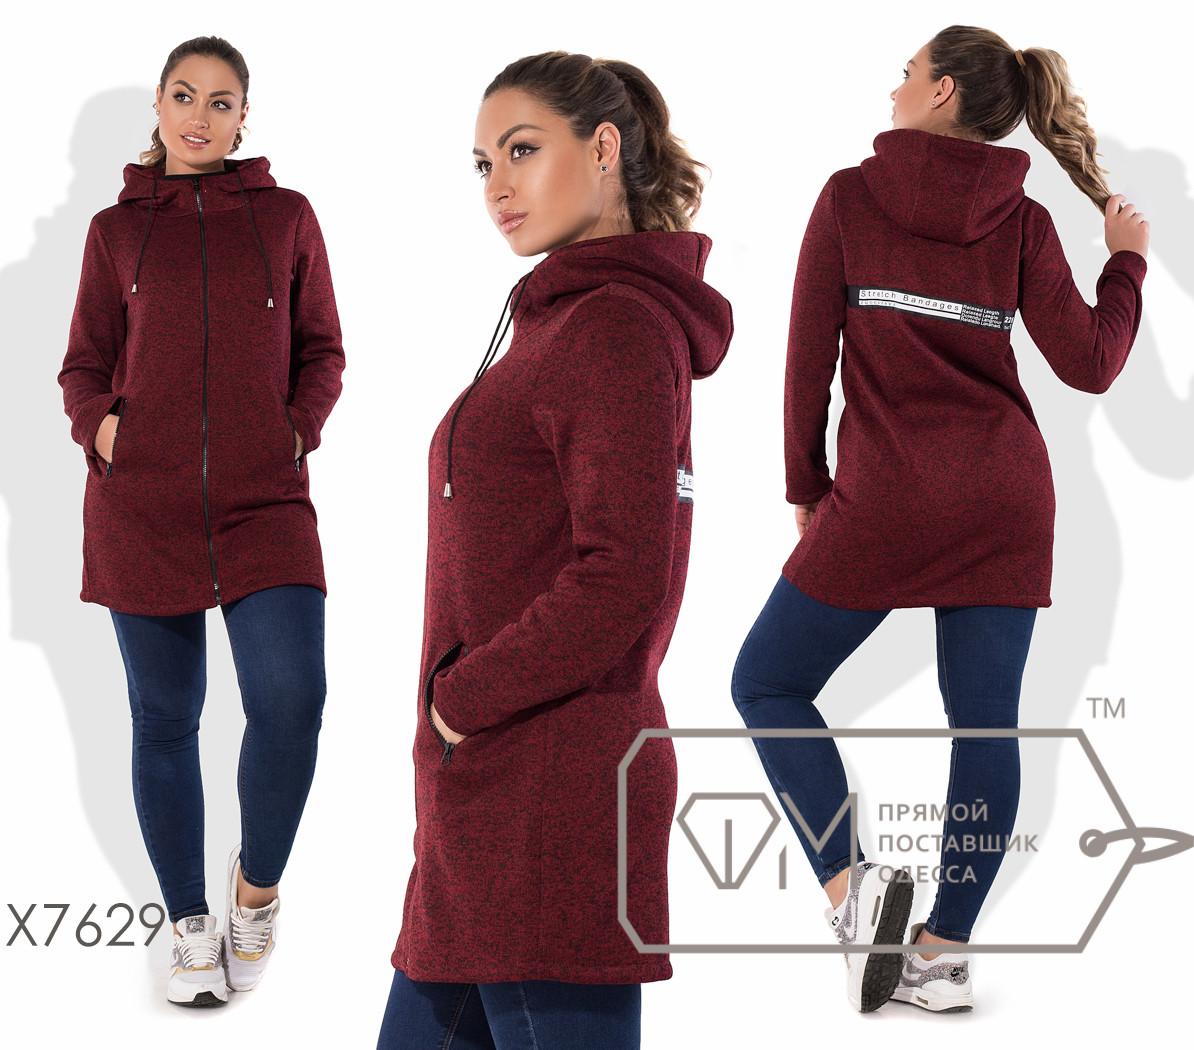 Кардиган-пальто прямой удлинённый из трикотажа меланж на флисе с капюшоном, косыми карманами и застёжкой-молнией X7629